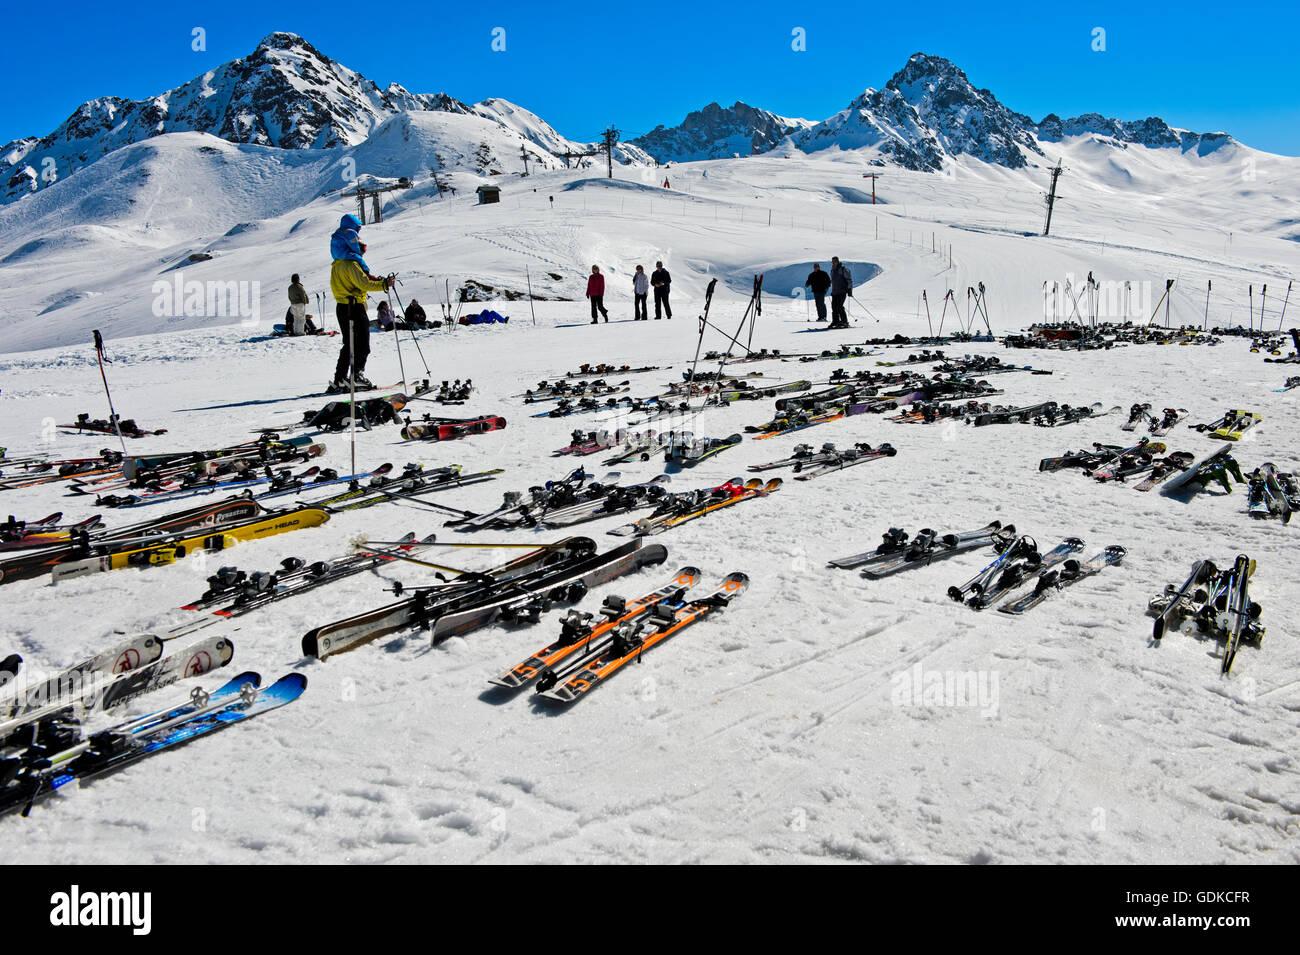 Paar Ski liegen auf Schnee, Col du Joly, Les Contamines-Montjoie Skigebiet, Haute-Savoie, Frankreich Stockbild